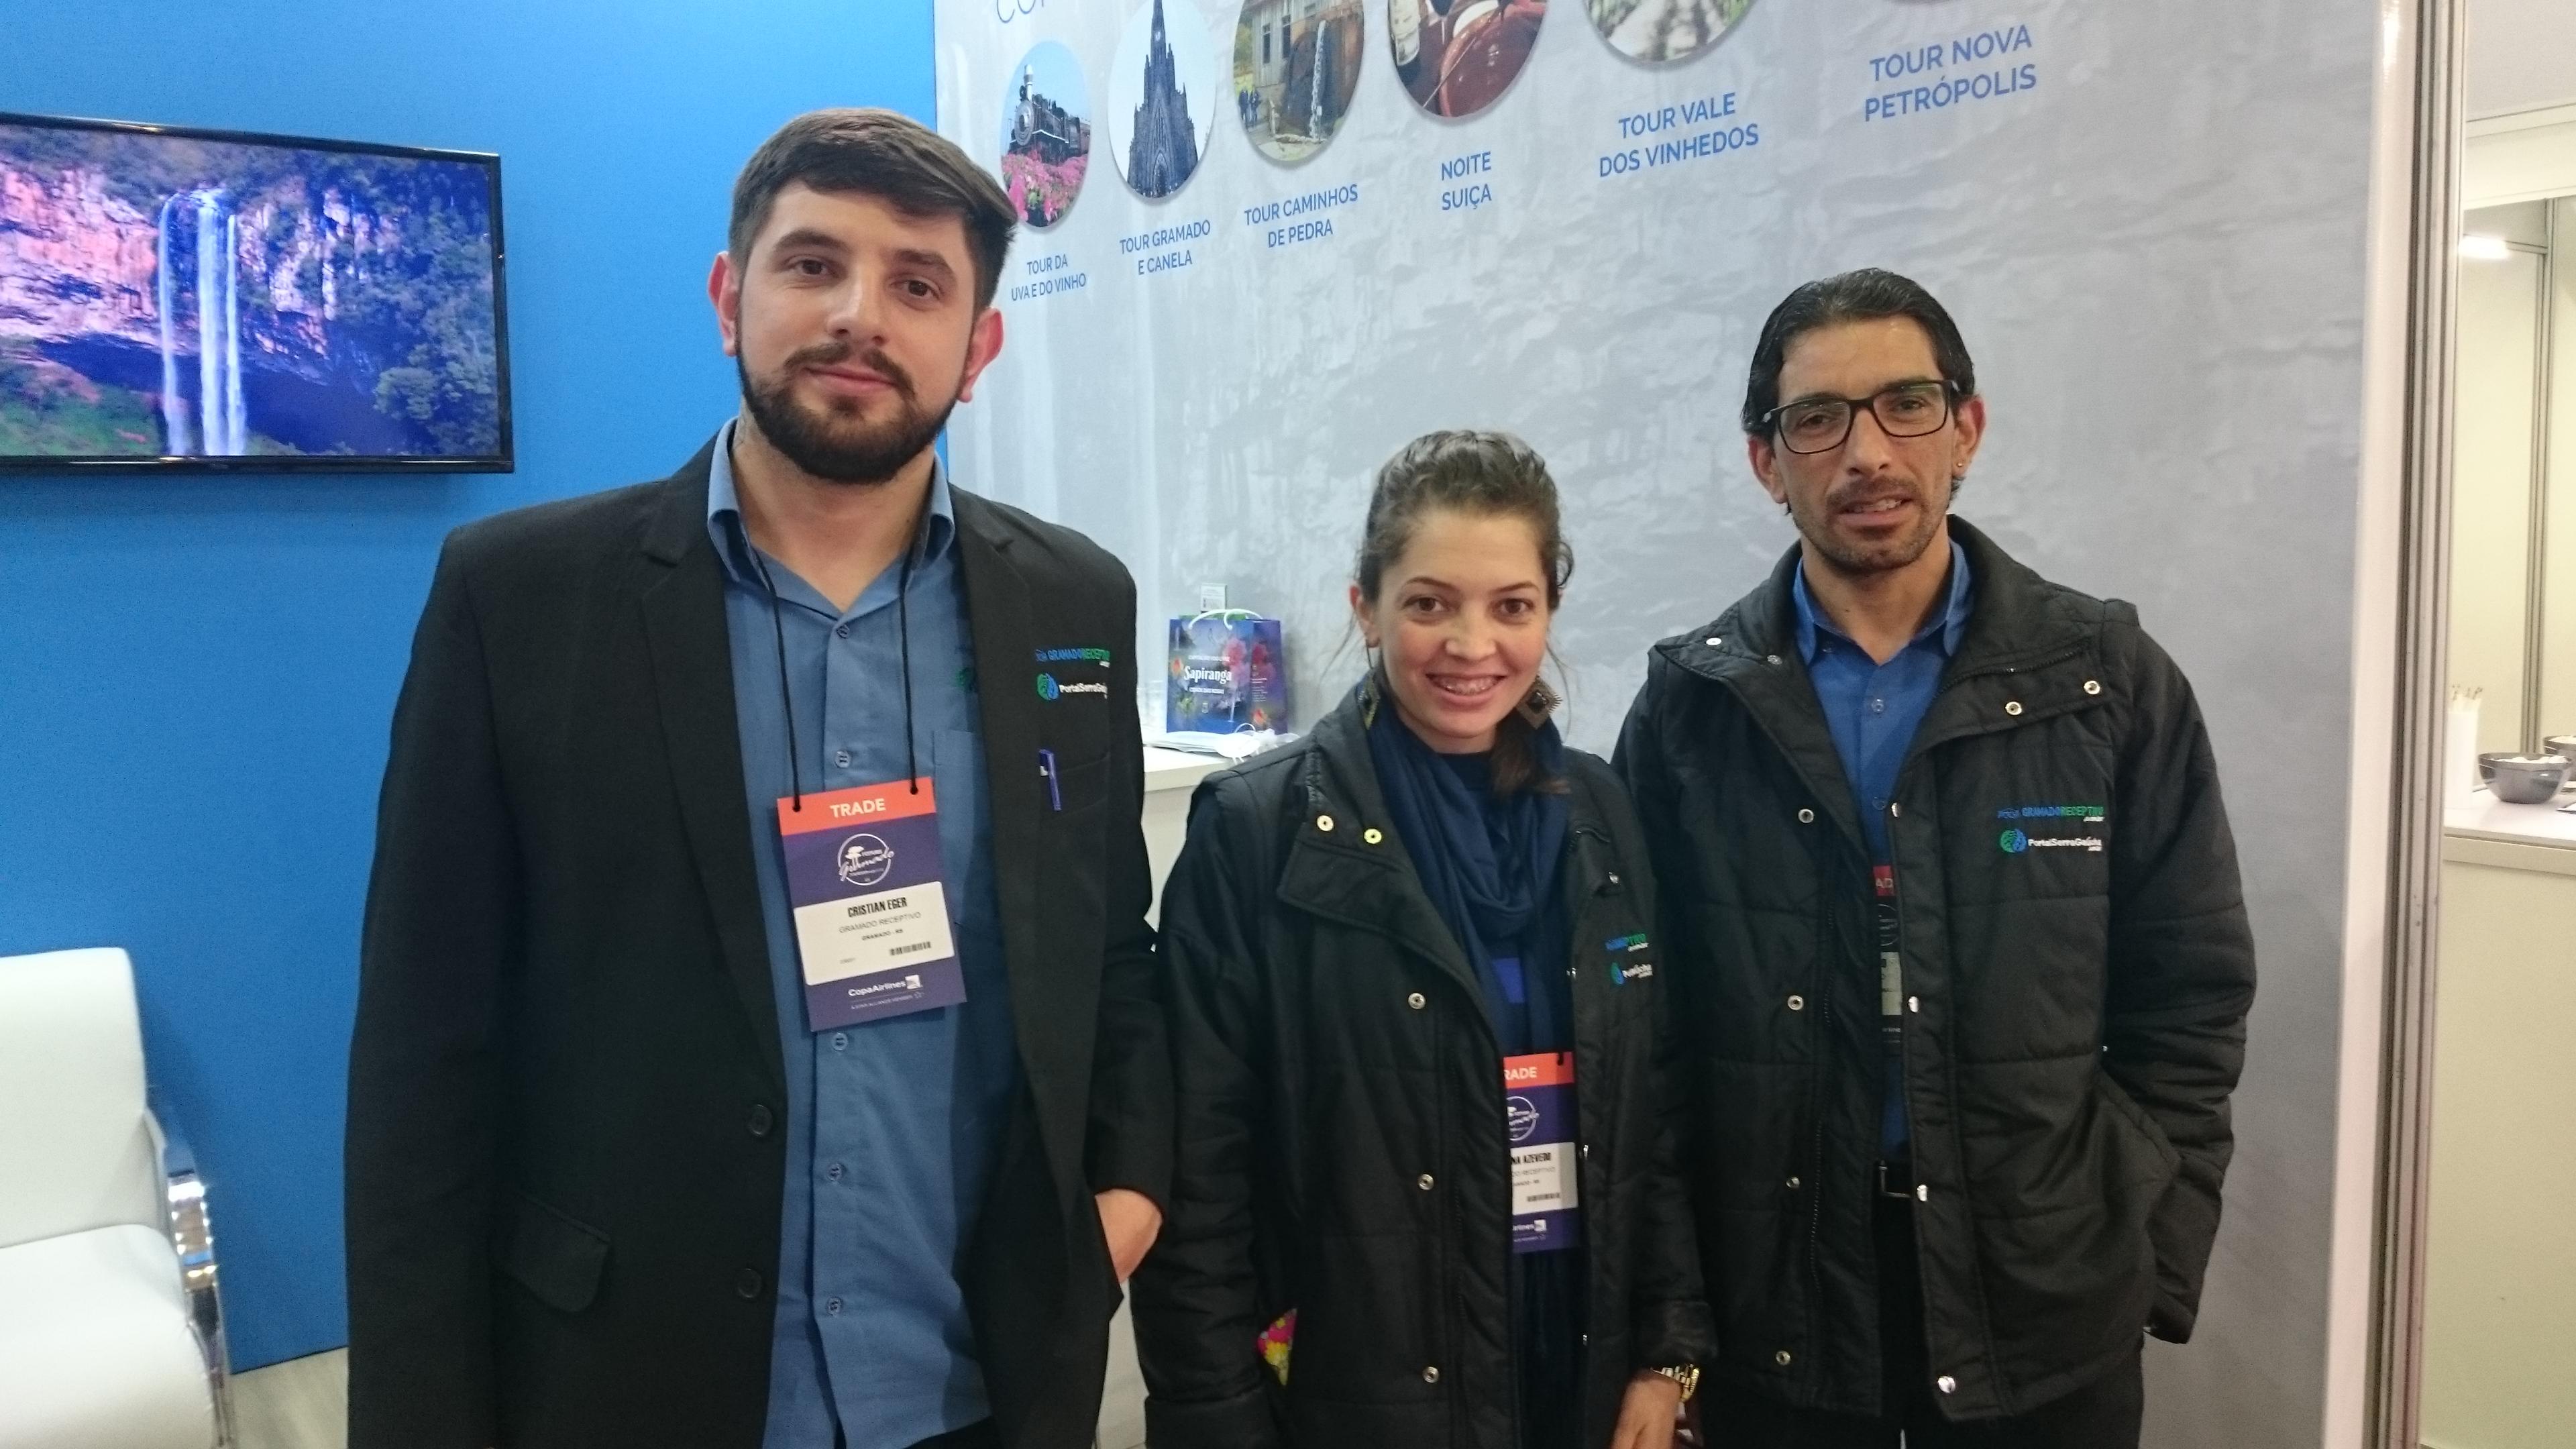 Cristian Eger, Juliana Azevedo e Alvio Silva, da Gramado Receptivo